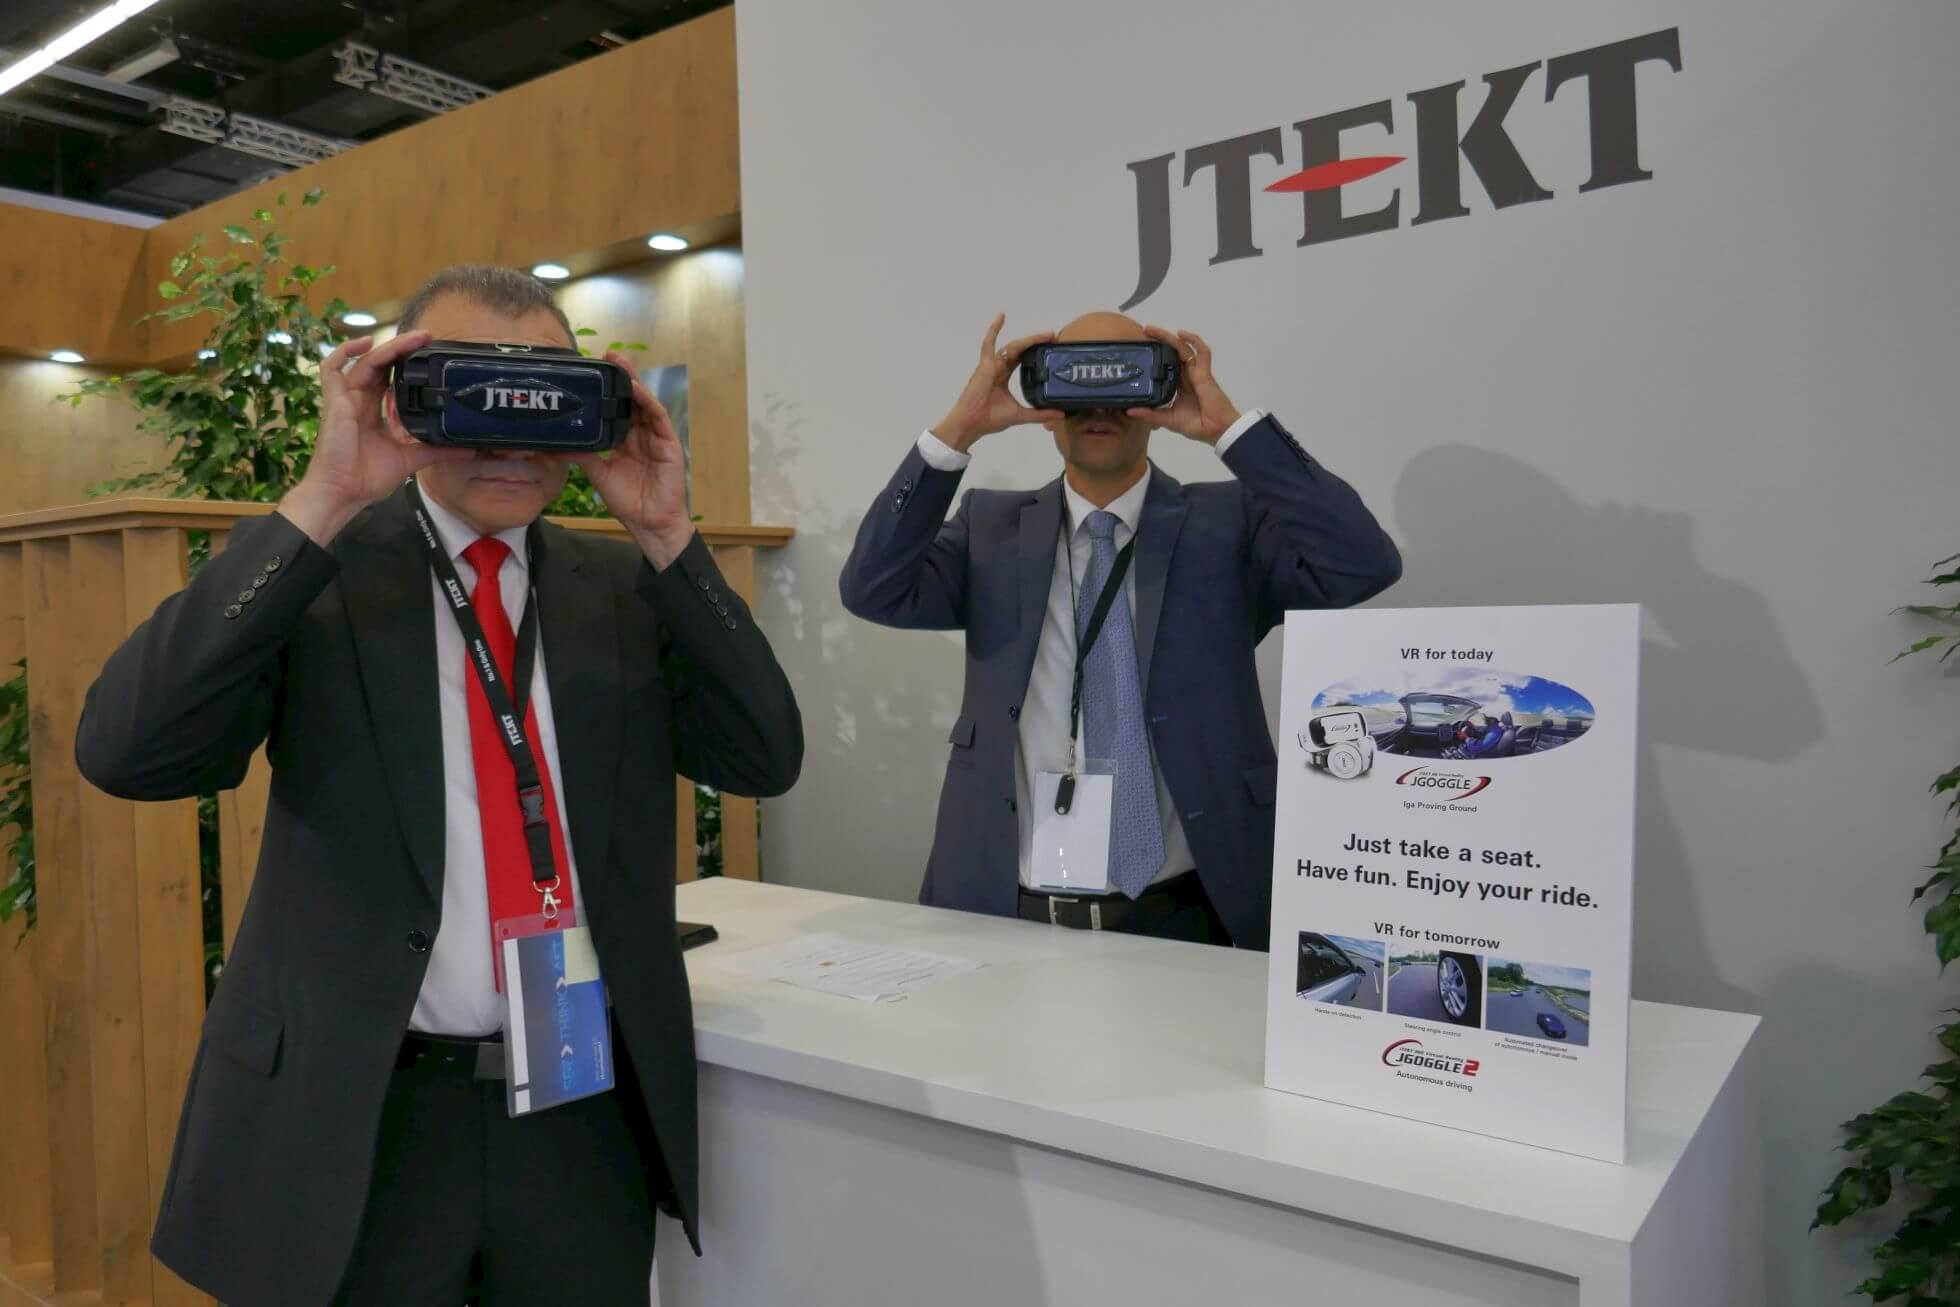 Gemütliches autonomes Fahren mit der Samsung Gear VR beim Zulieferer JTEKT.